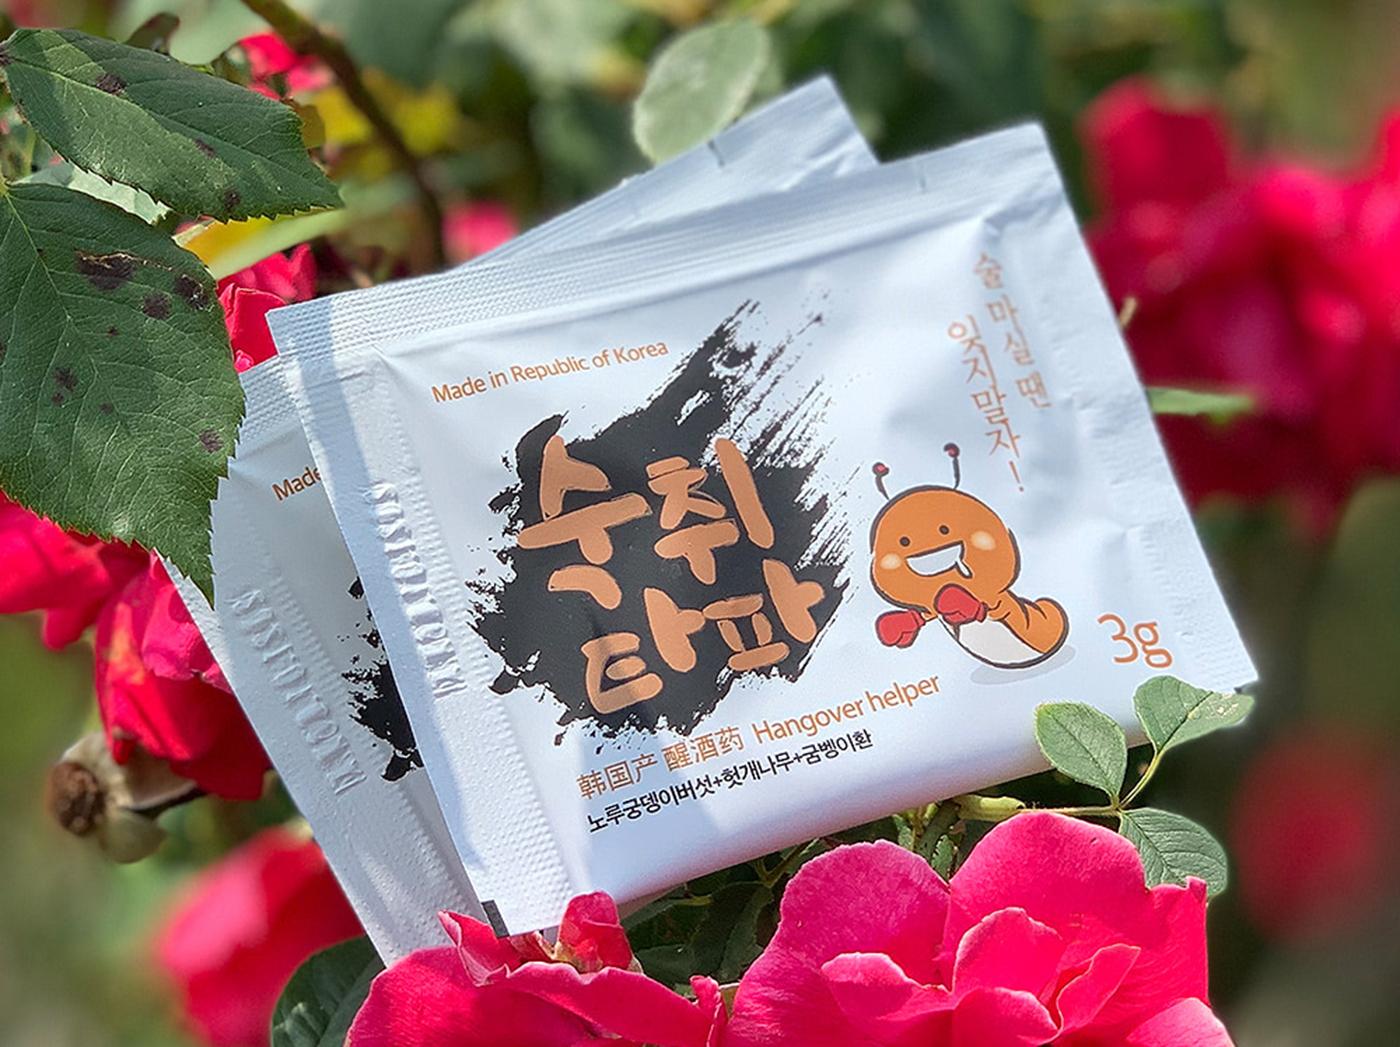 숙취타파 헛개 굼벵이 노루궁뎅이버섯 숙취해소제 상세이미지1